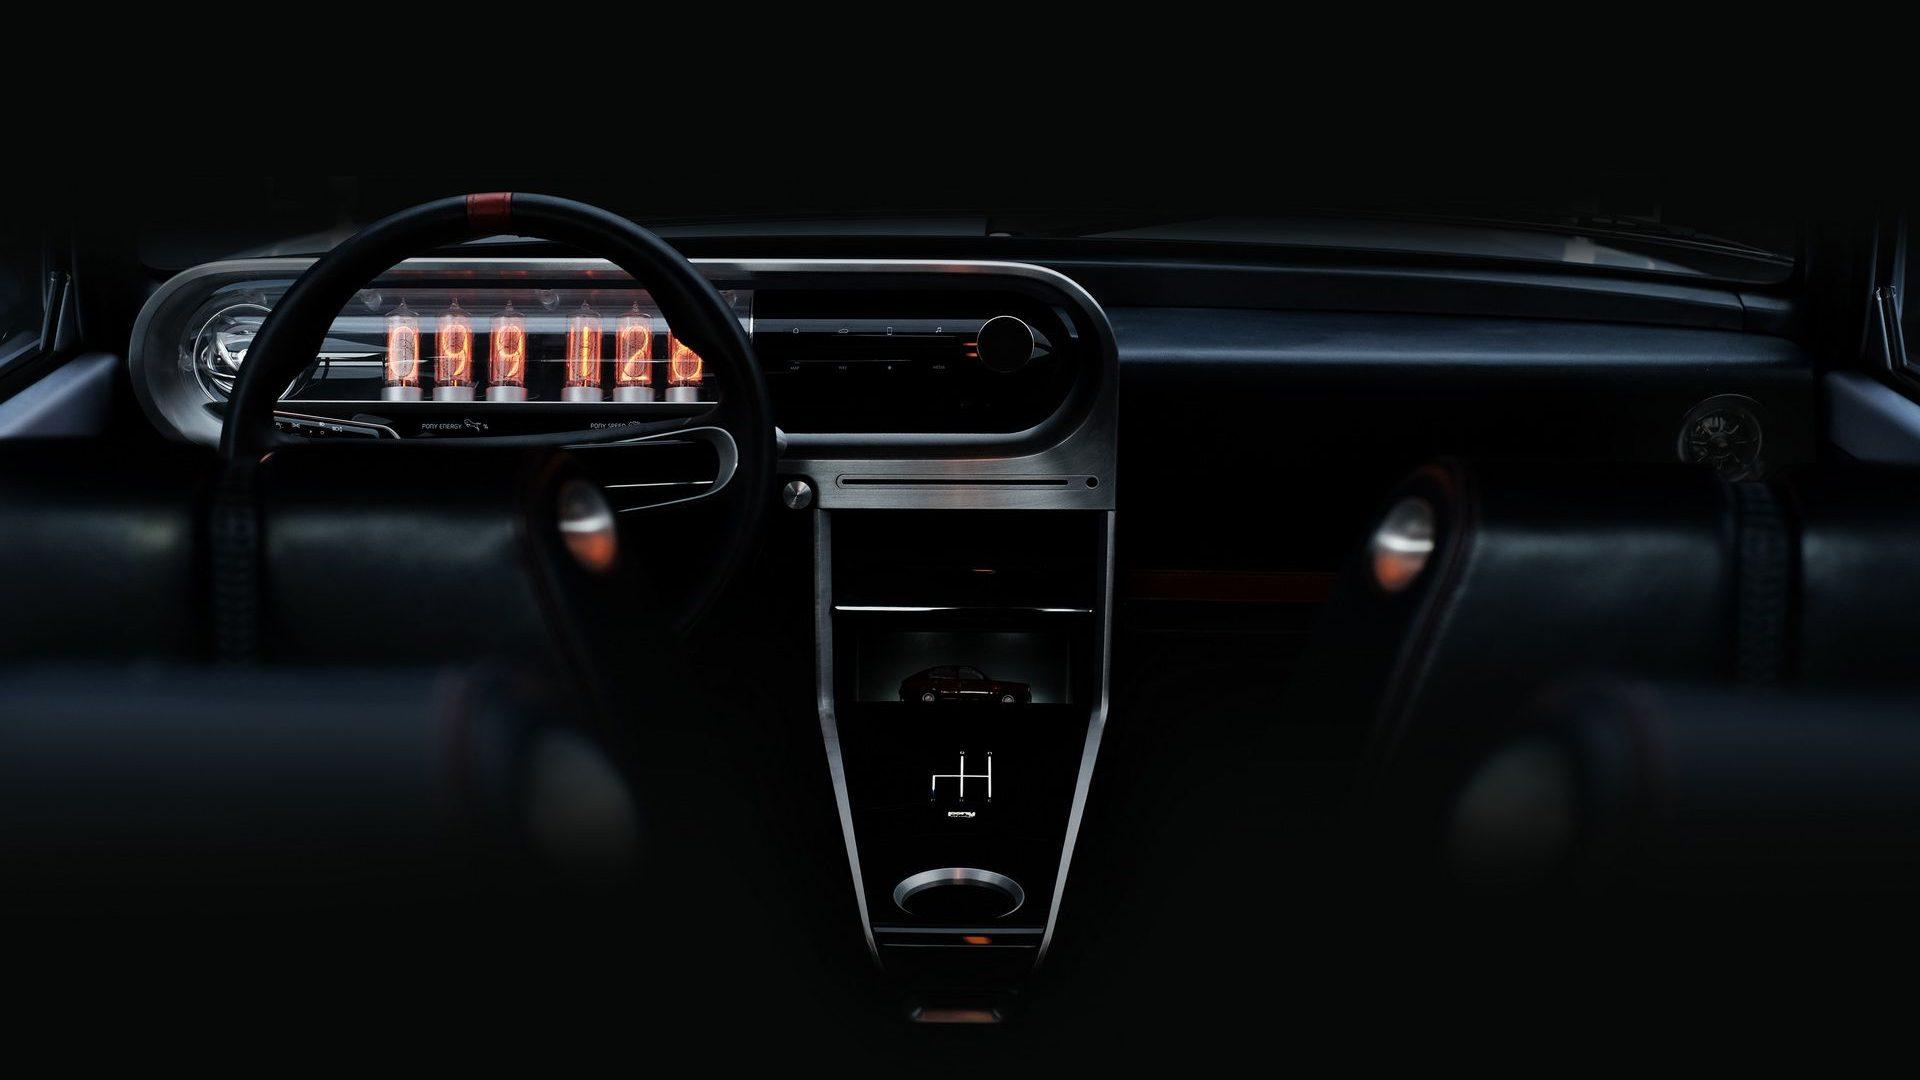 2021-Hyundai-Pony-EV-Show-Car-Interior-04